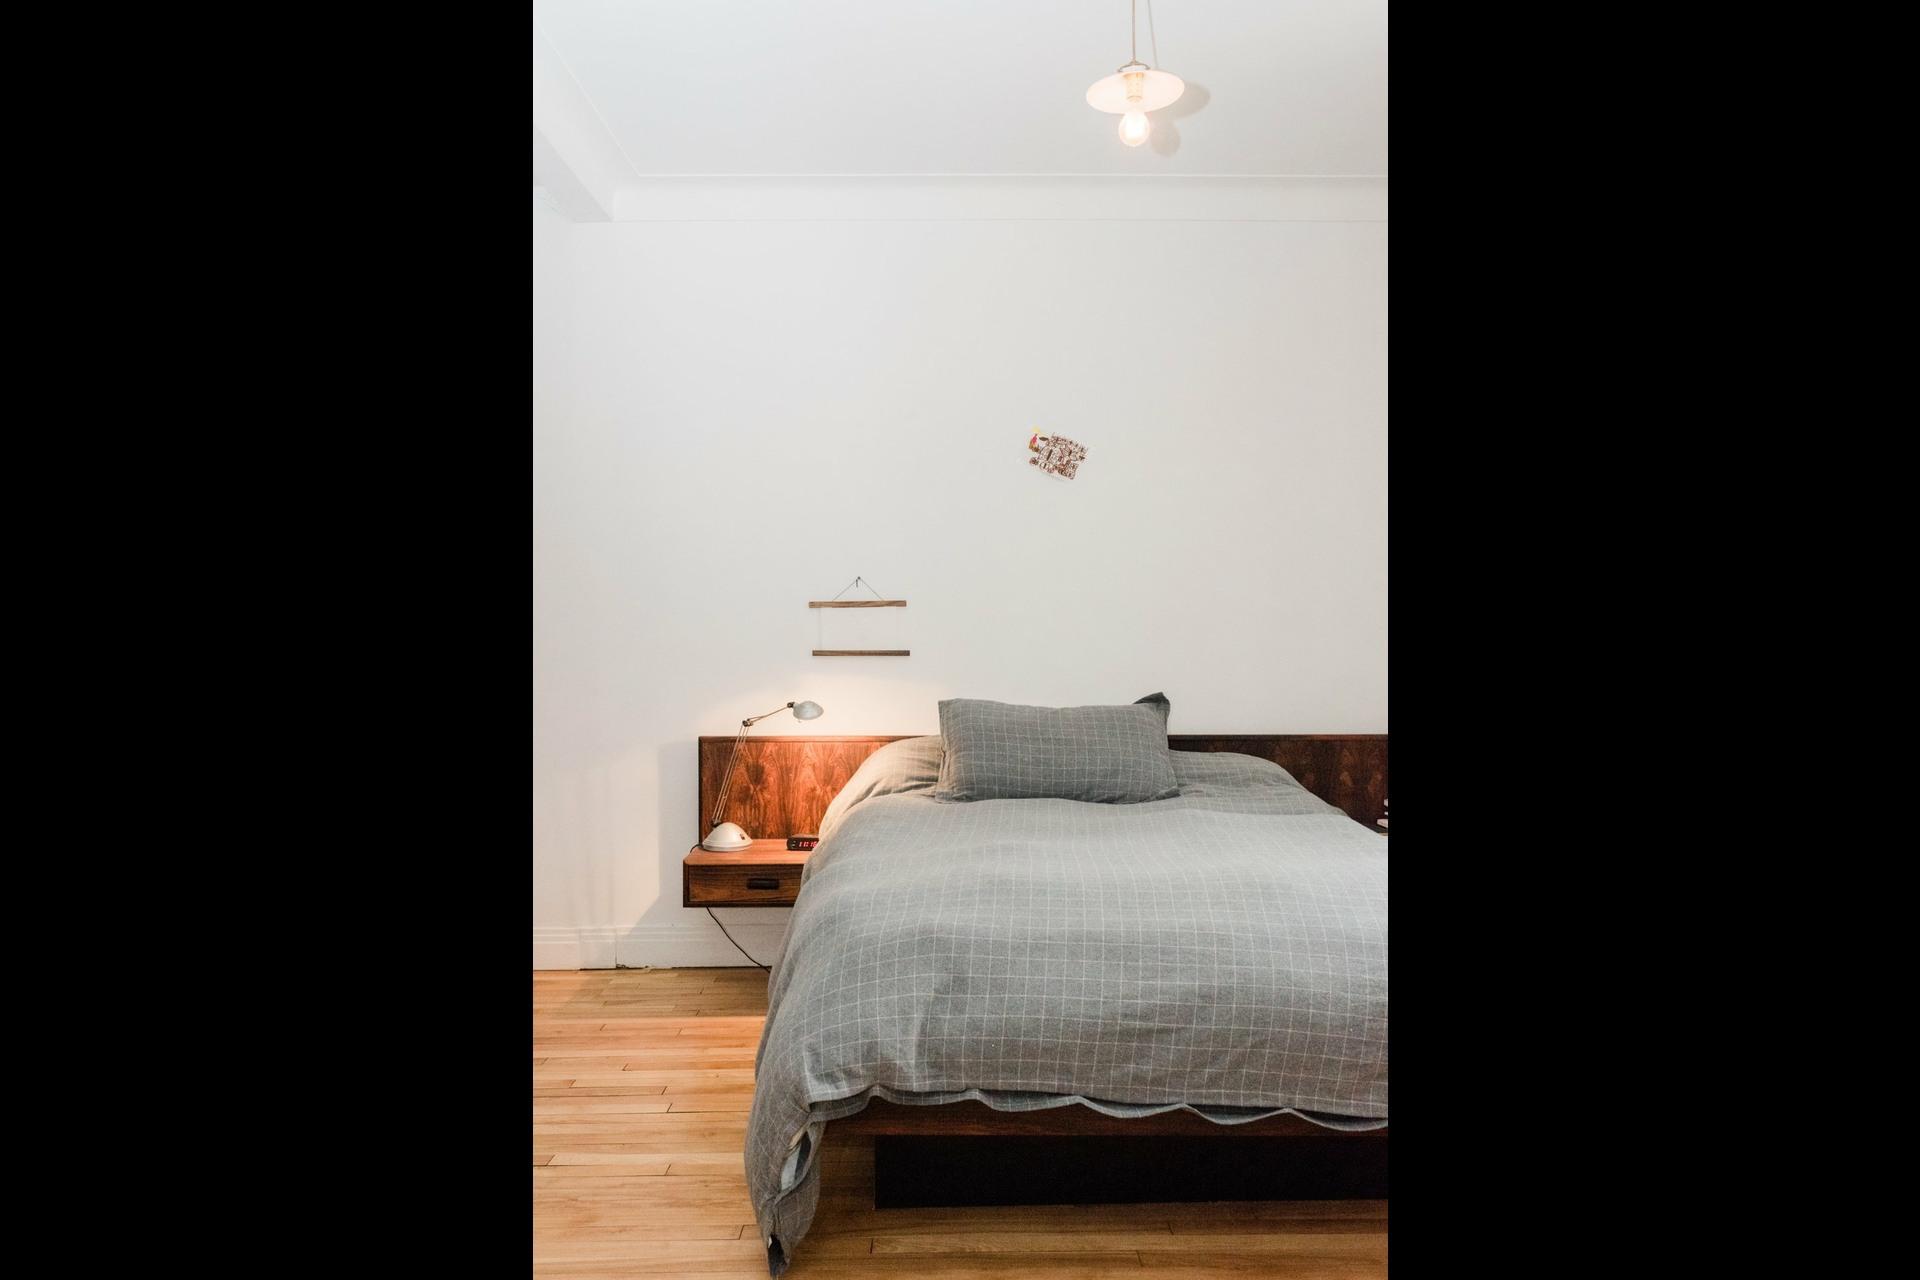 image 5 - Duplex À vendre Villeray/Saint-Michel/Parc-Extension Montréal  - 4 pièces